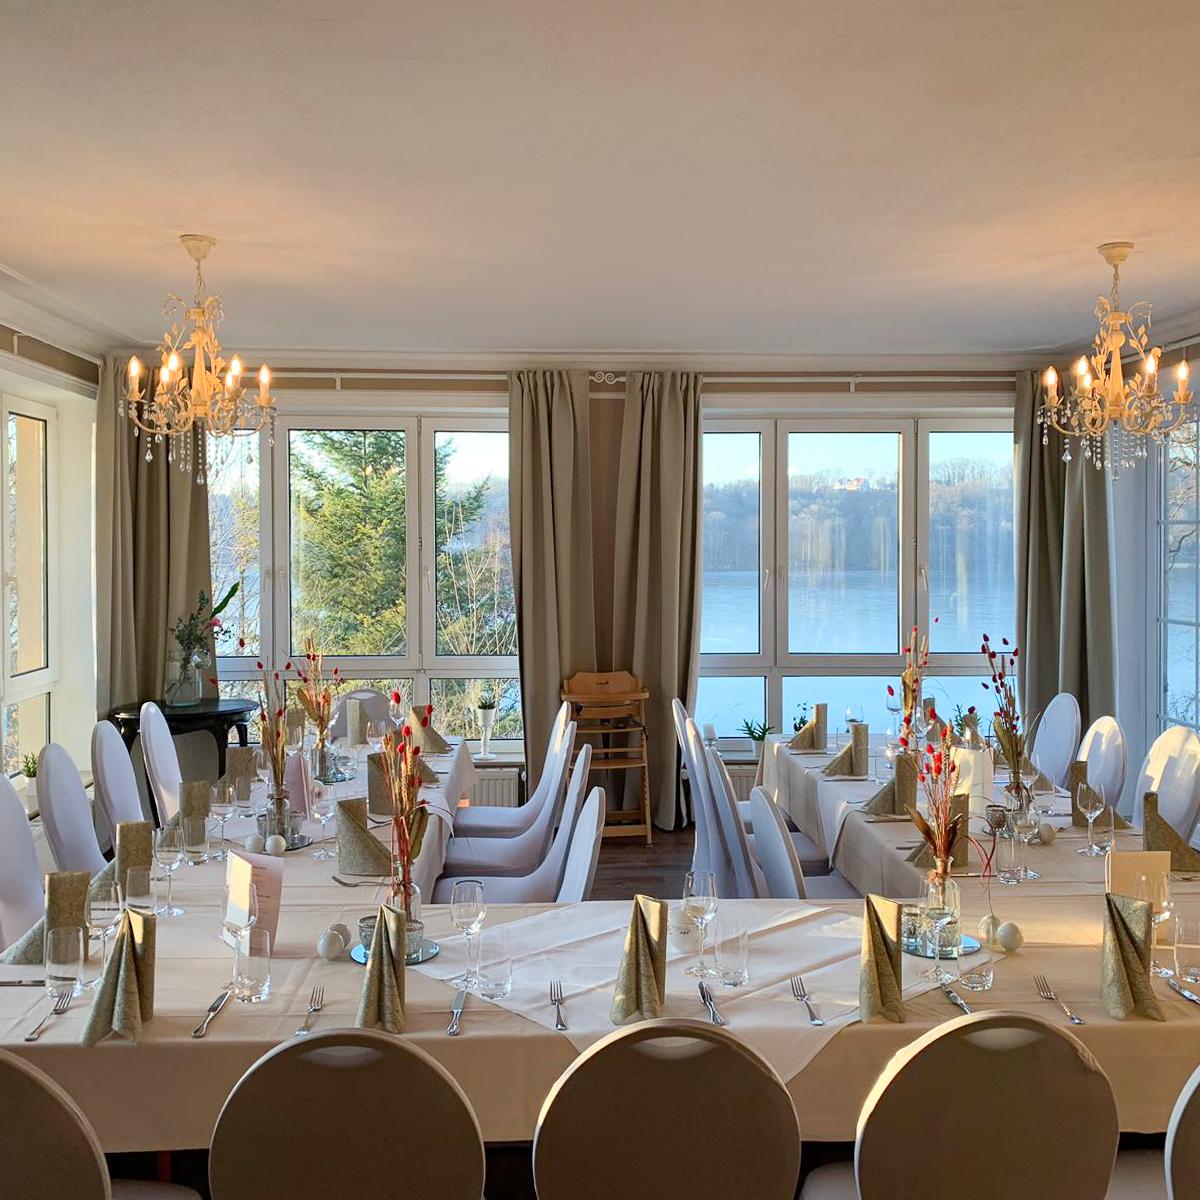 seezimmer impressionen buckow strandhotel vier jahreszeiten ort buckow restaurant a